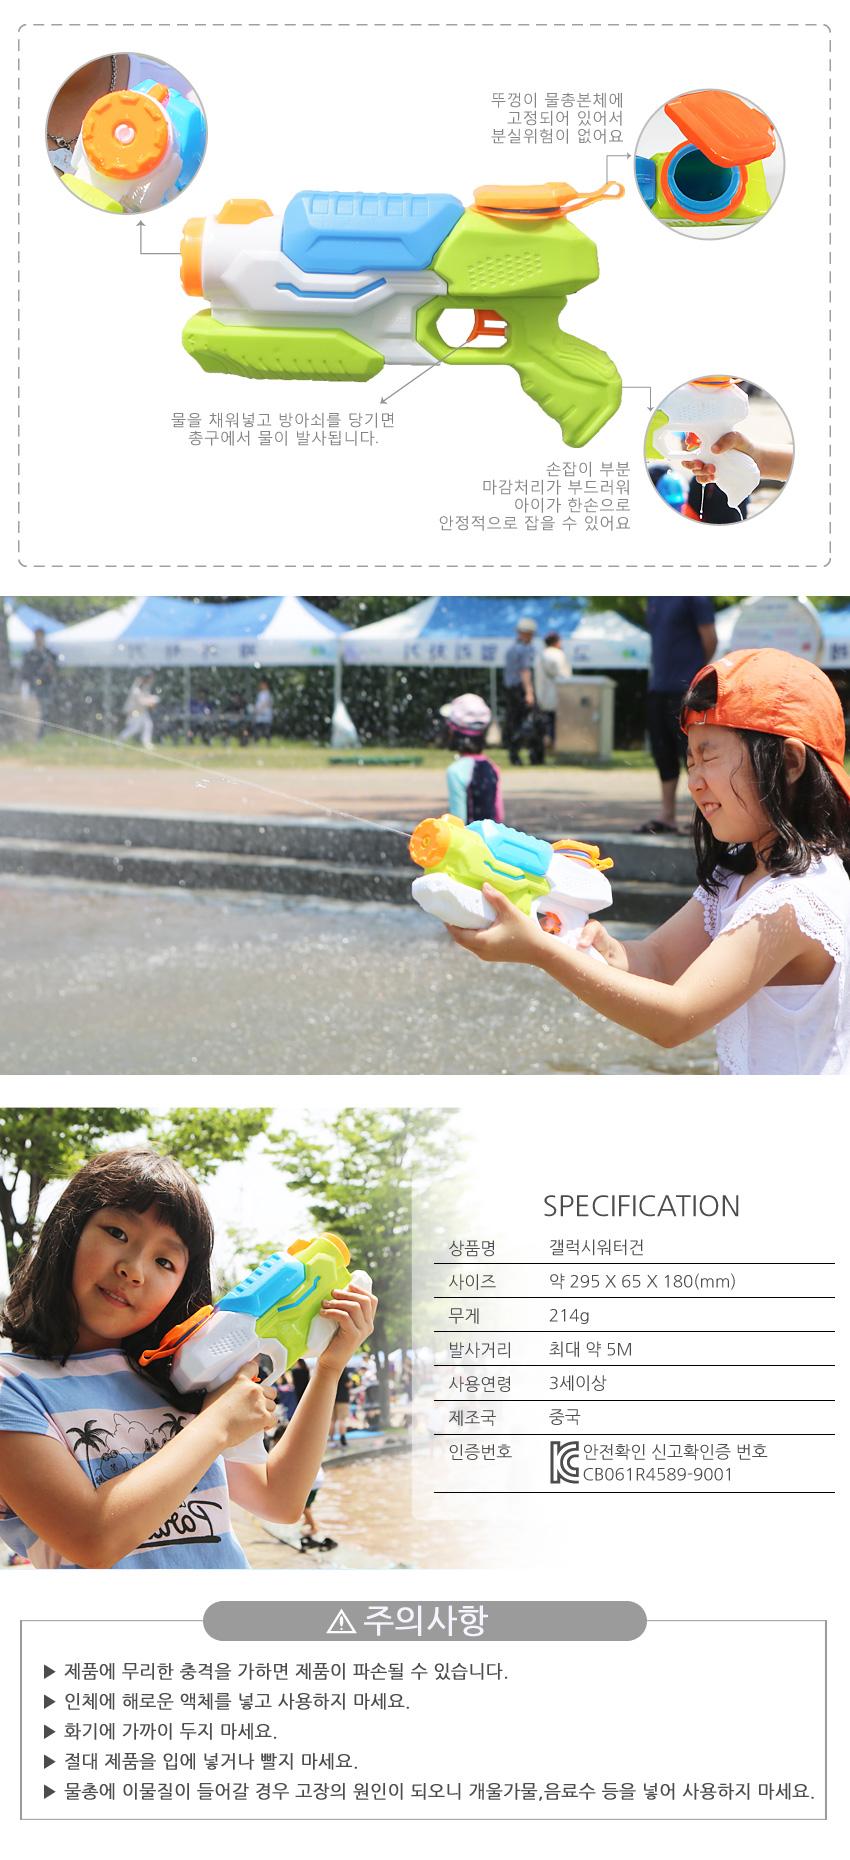 갤럭시워터건 물총 여름완구 물총축제 여름완구 - 알사탕닷컴, 9,000원, 장난감총, 물총